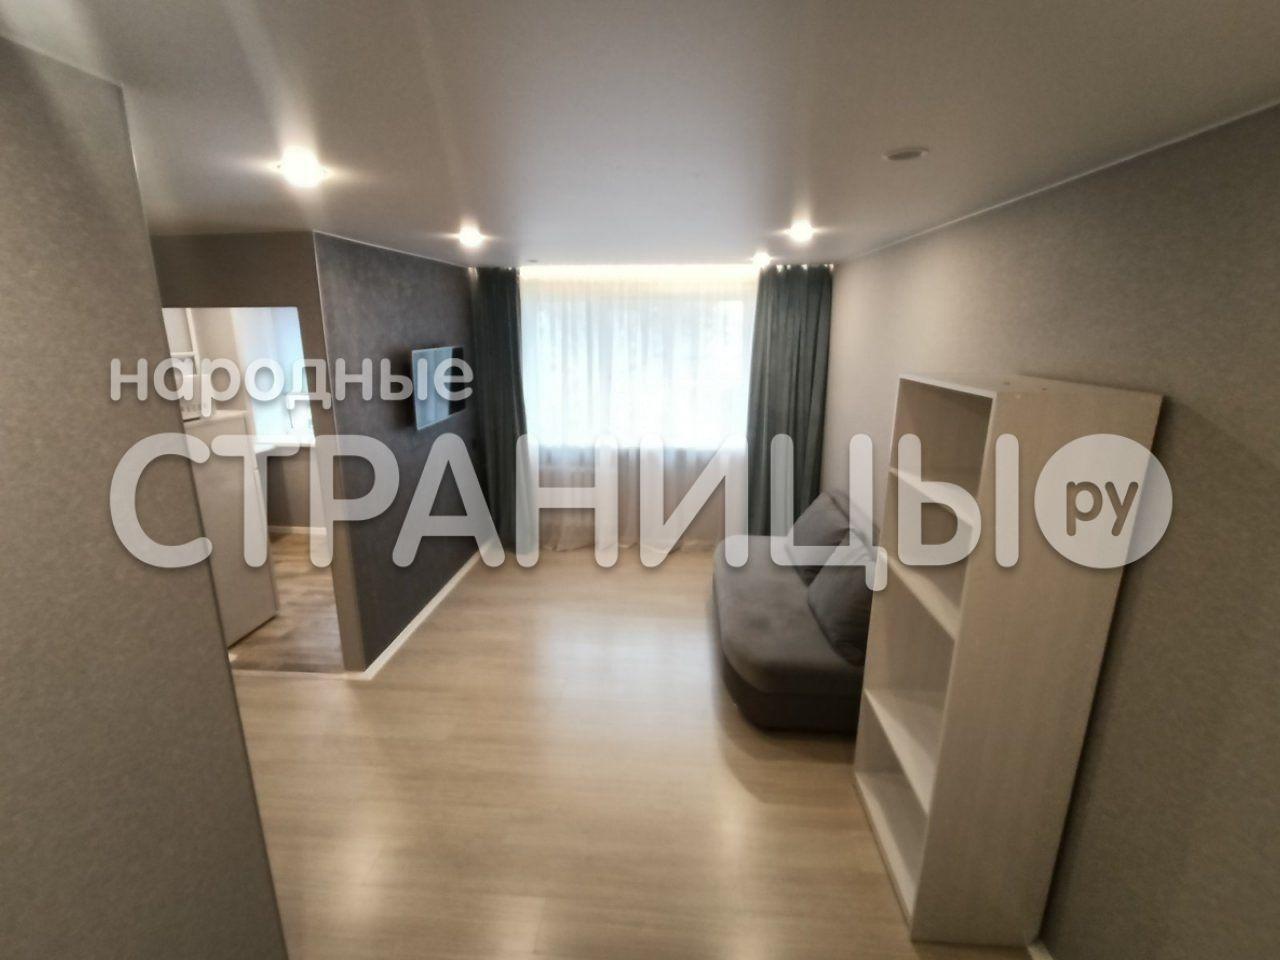 1-комнатная квартира, 30.0 м²,  3/5 эт. Кирпичный дом, Вторичное жилье